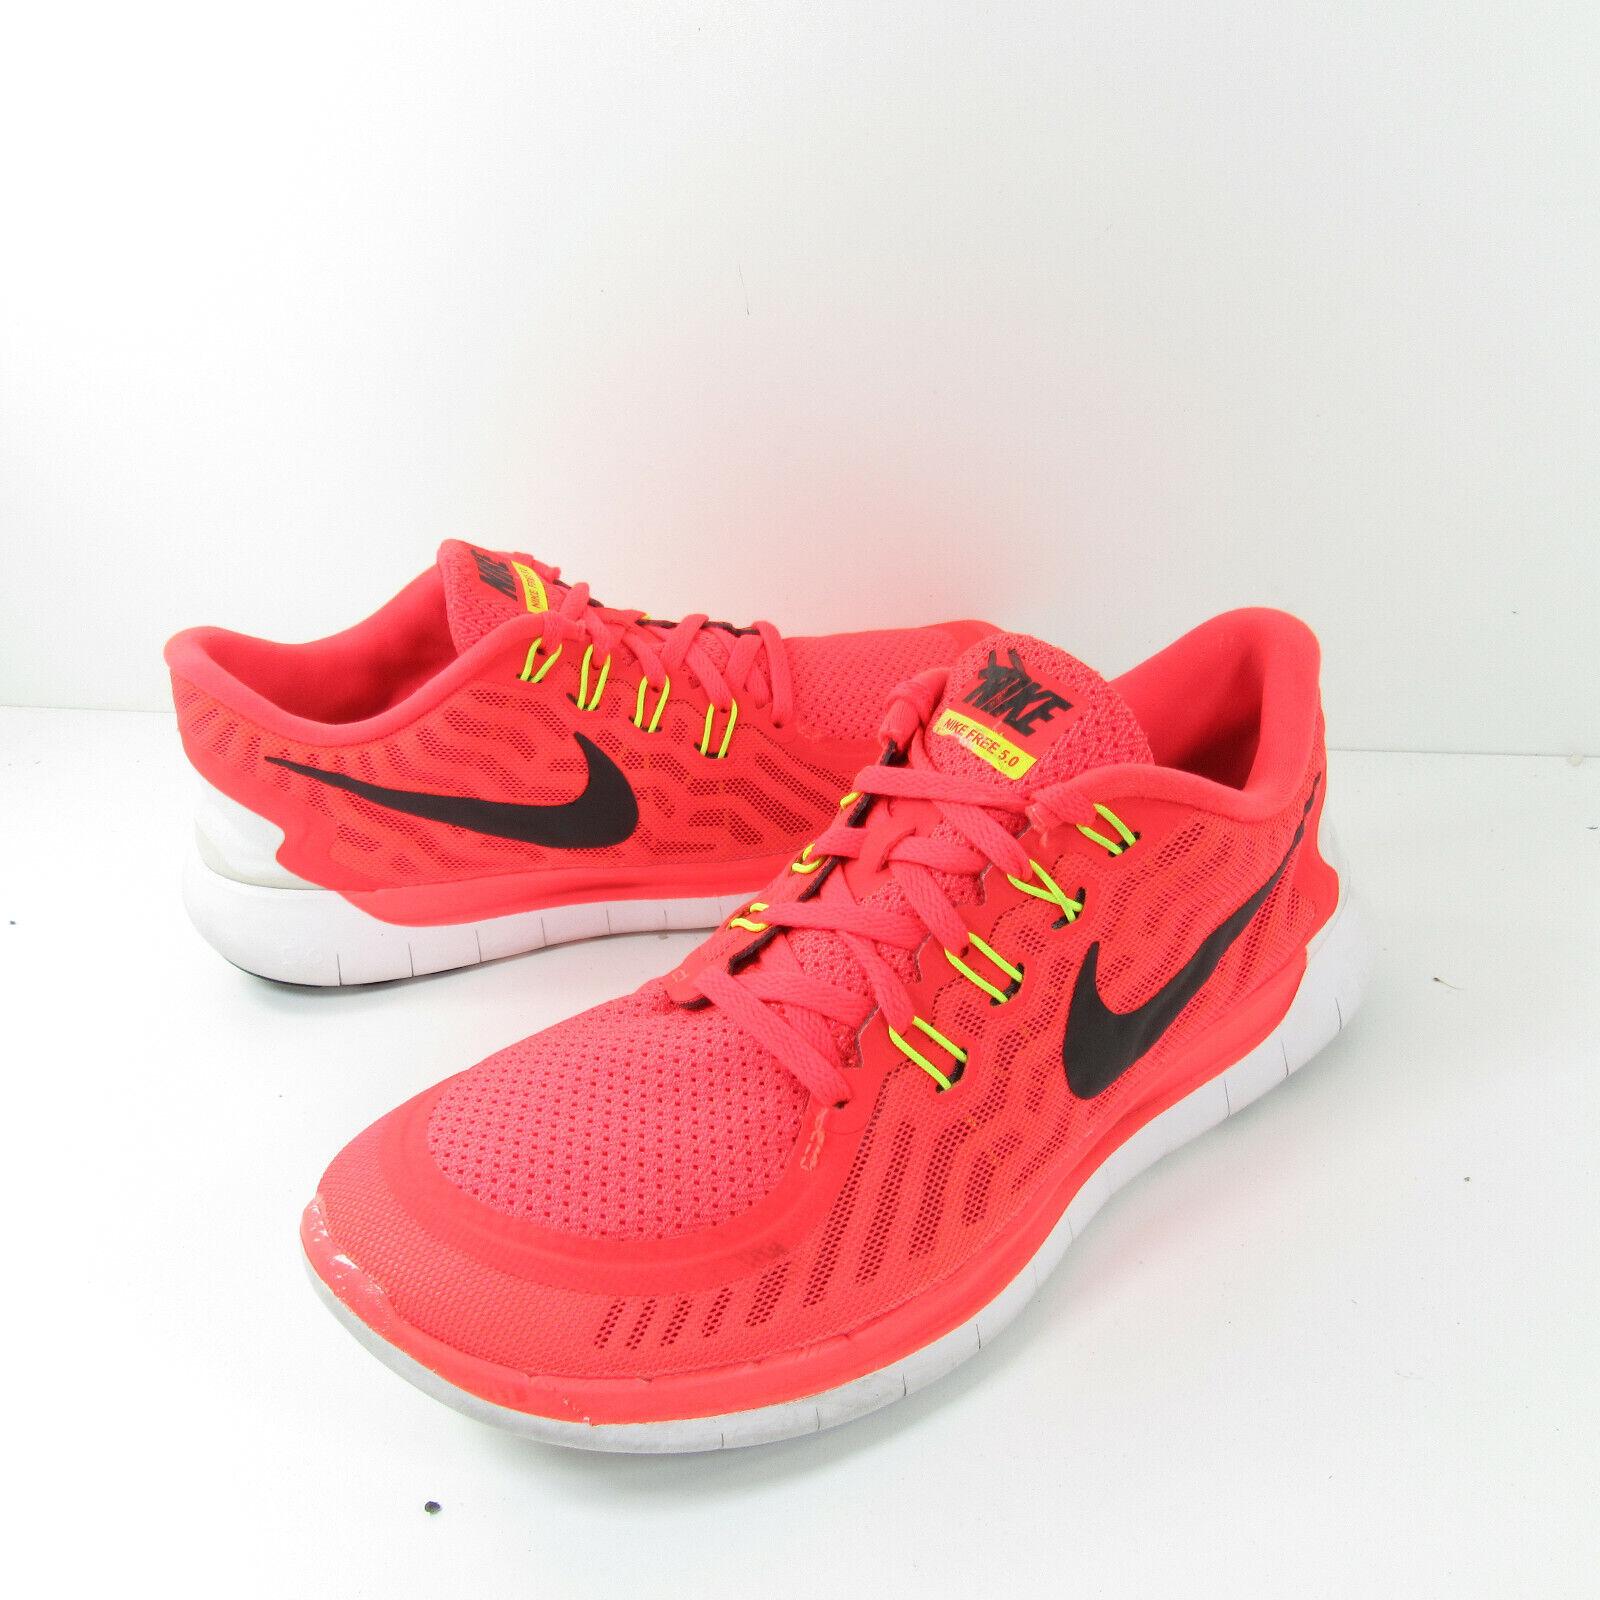 Nike Free 5.0 купить на eBay в Америке